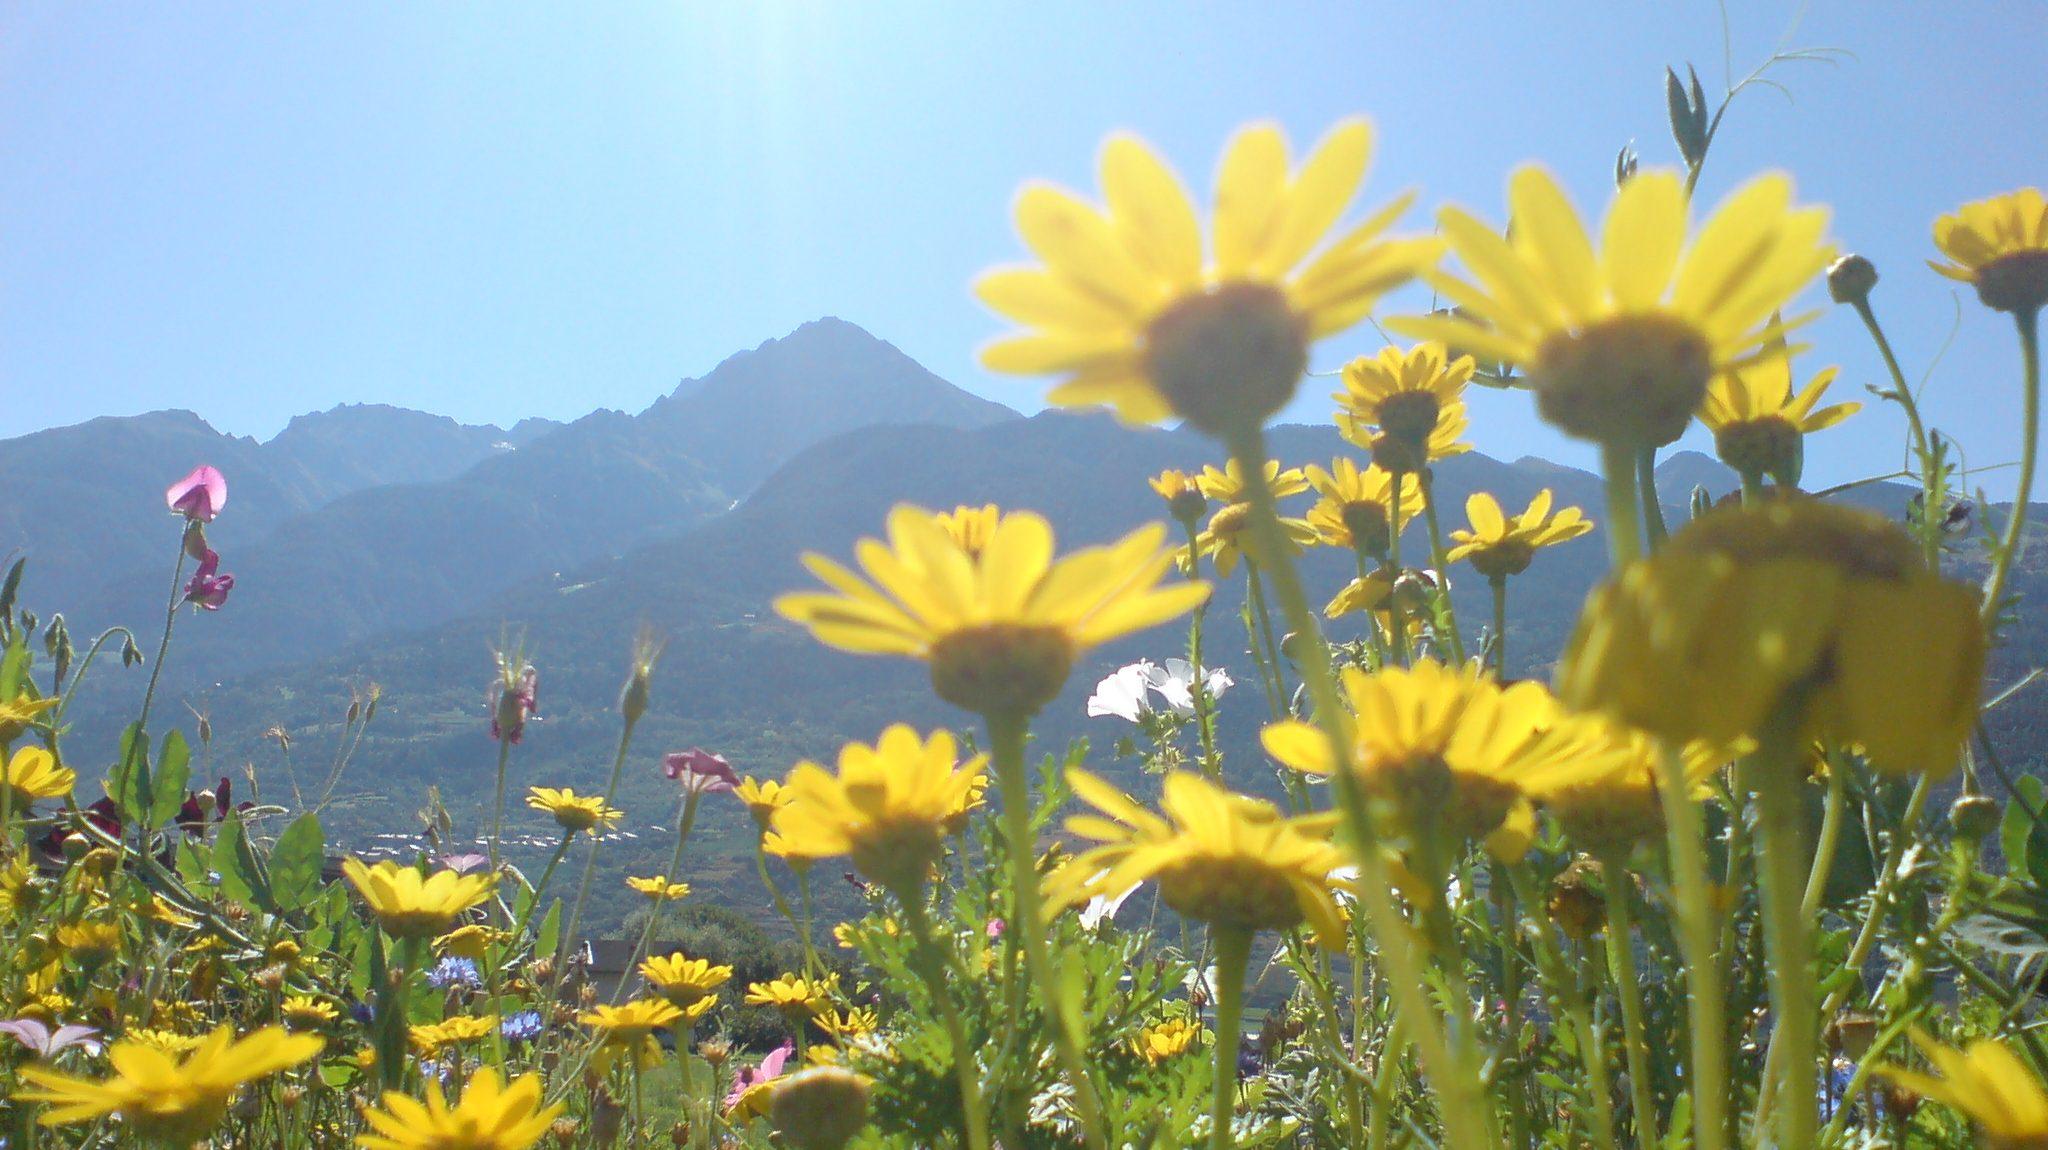 Arte Del Rustico Aosta feste d'agosto ad aosta, tra musica, religione e tradizione